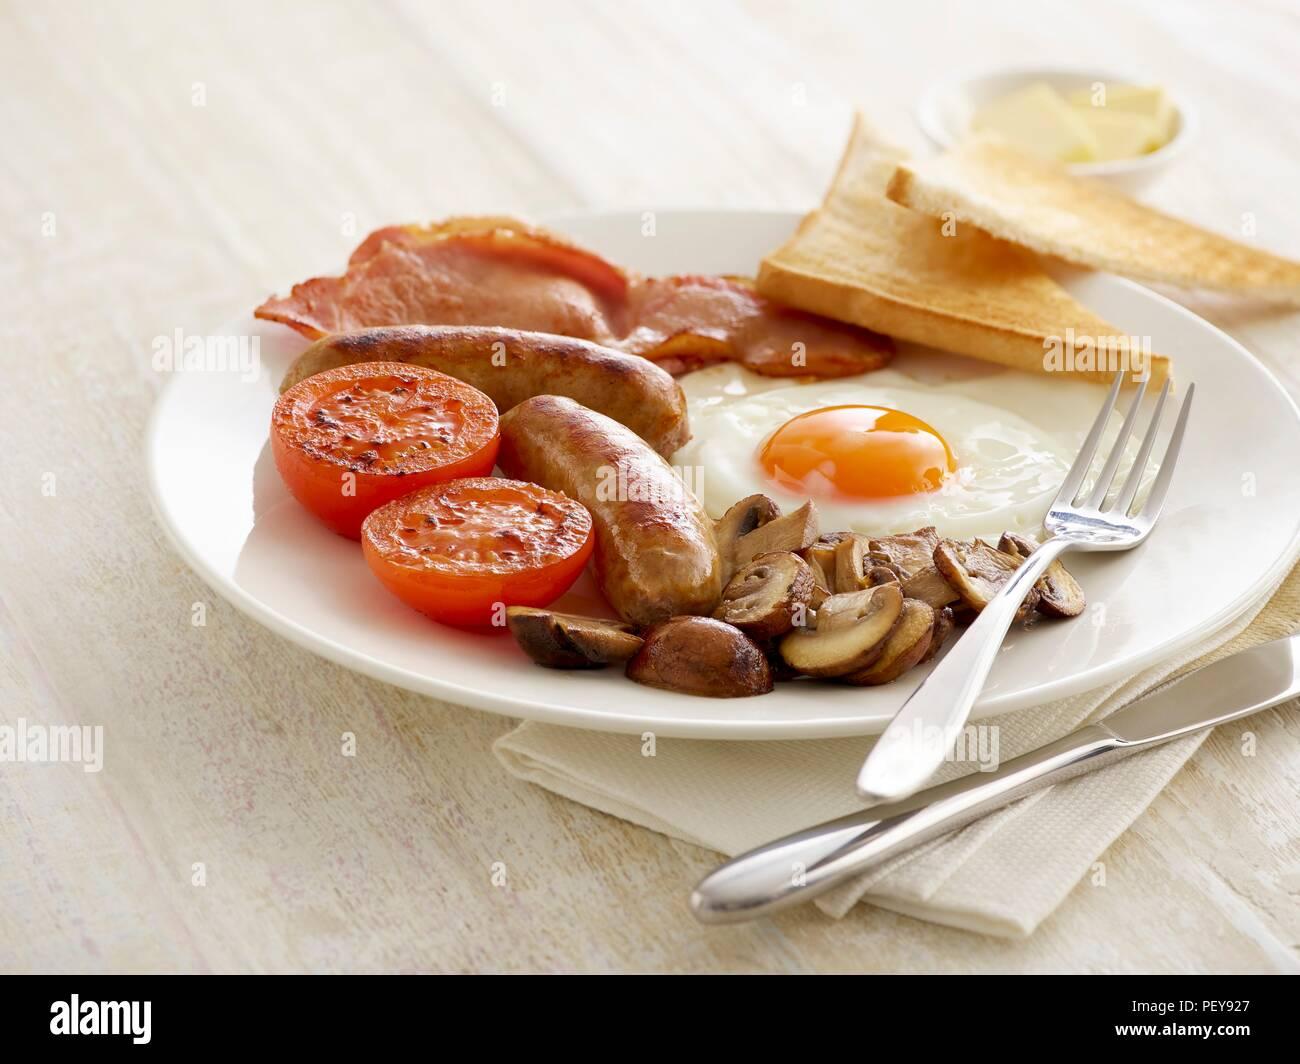 La completa prima colazione inglese è servita su una piastra. Immagini Stock